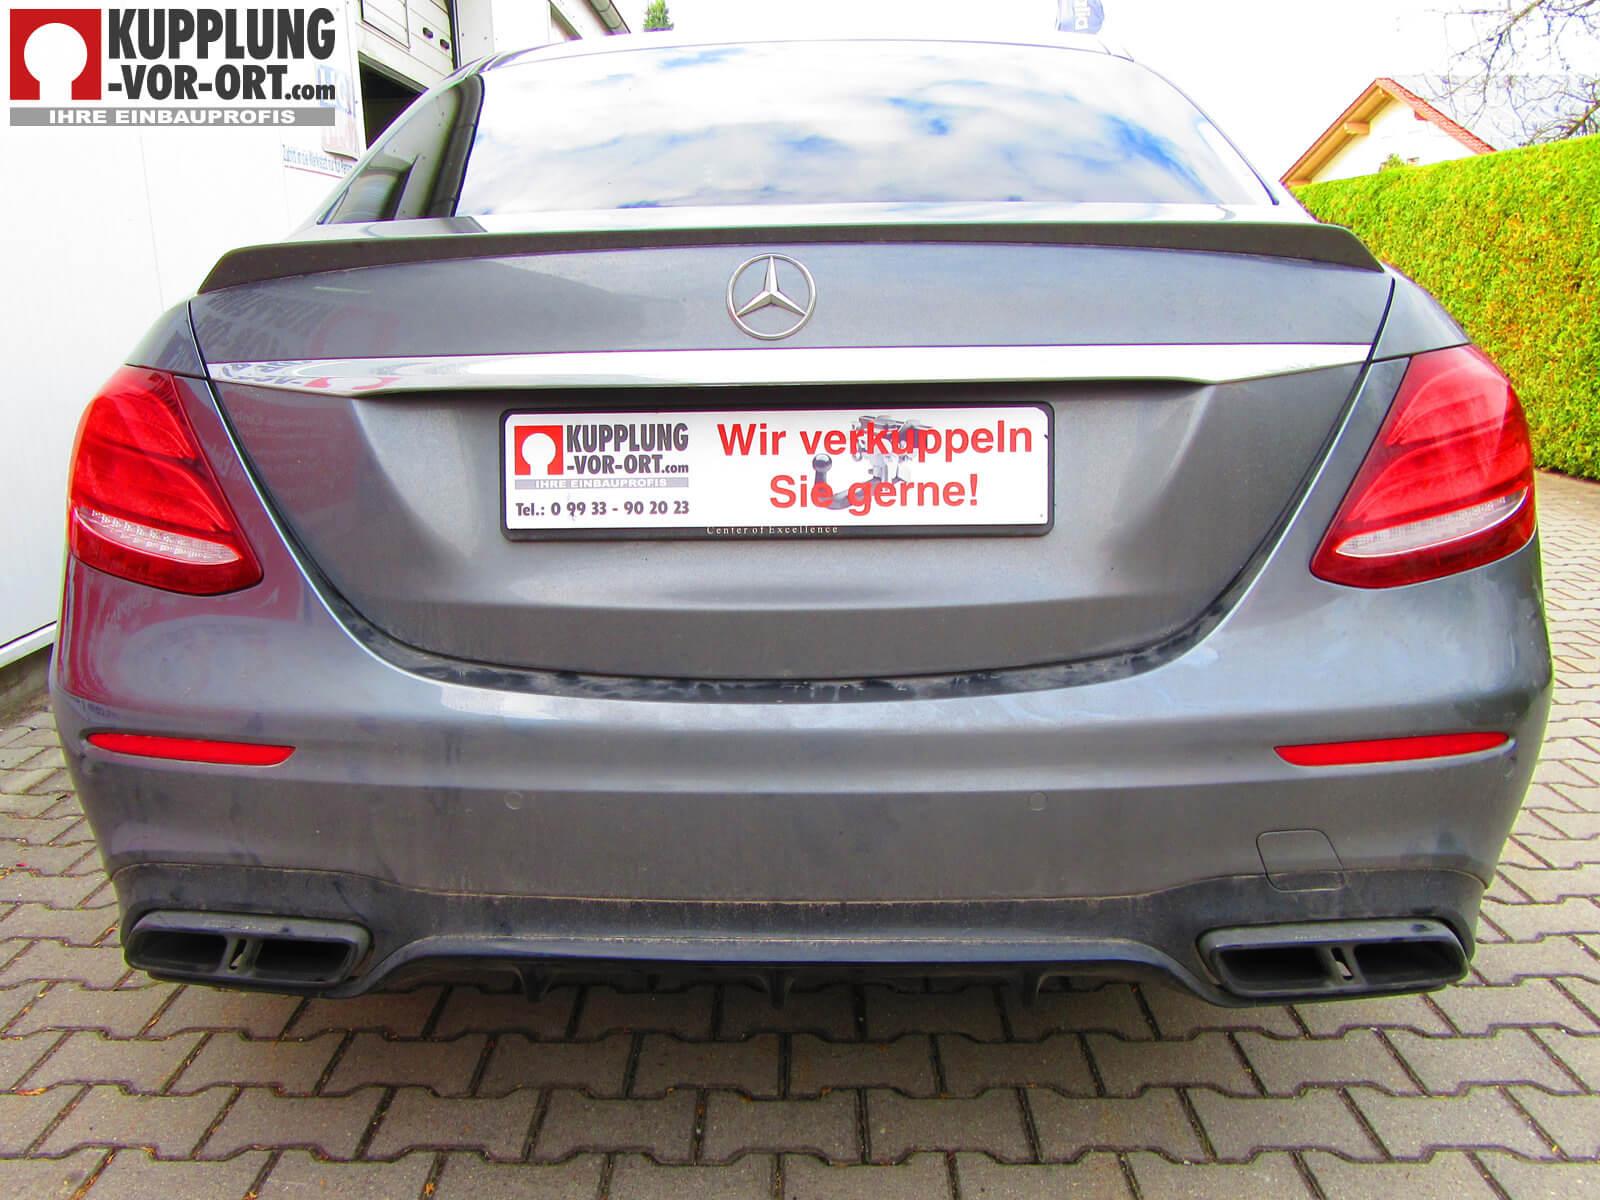 Anhängerkupplung für Mercedes E-Klasse W213 E63 AMG - Kupplung-Vor ...